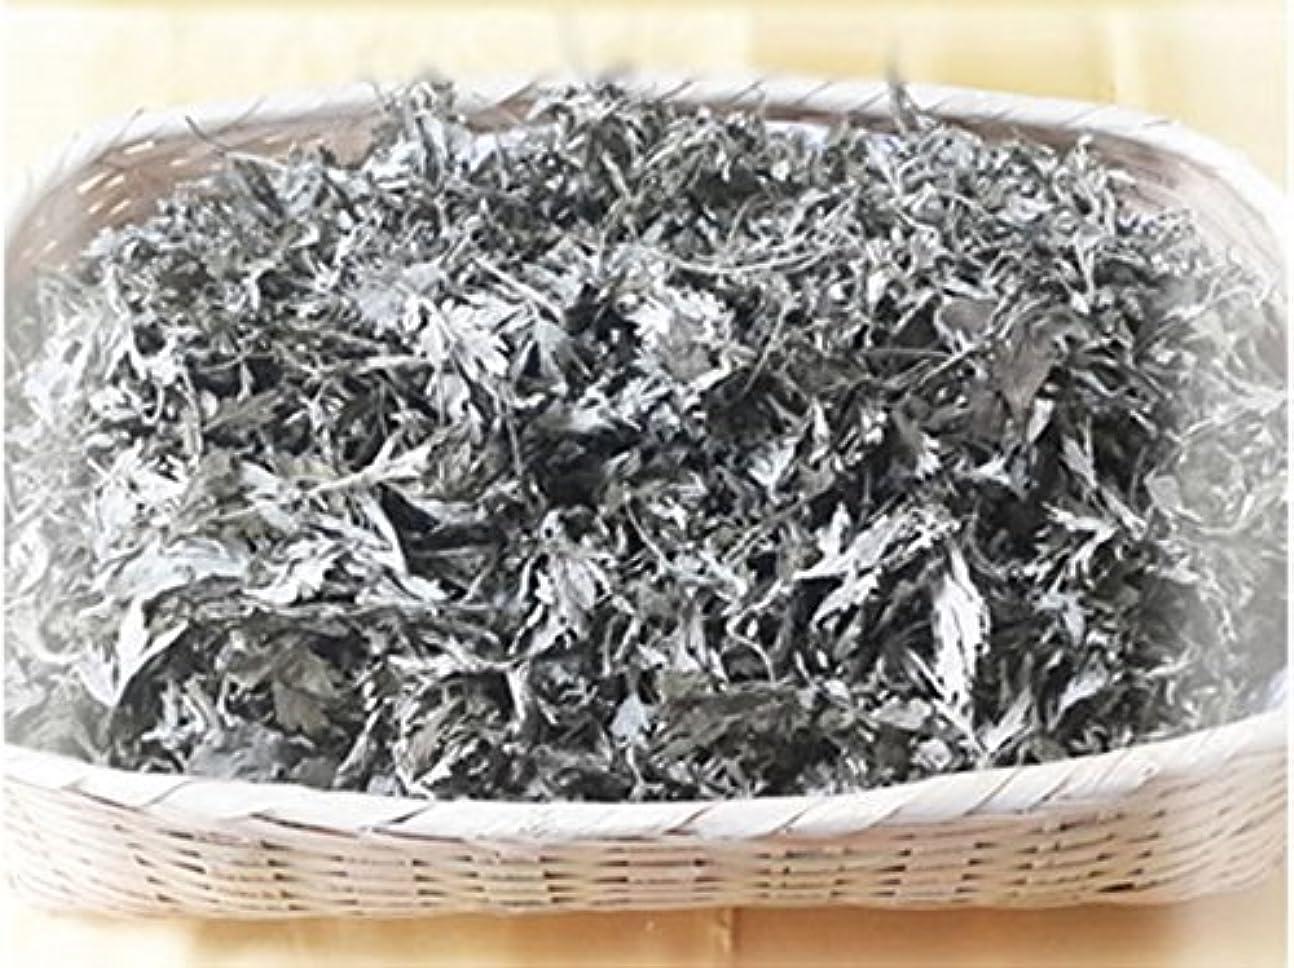 複雑別々に効能あるヨモギ蒸し材料100%ヨモギ300グラム、、ヨモギ蒸し材料と入浴剤として